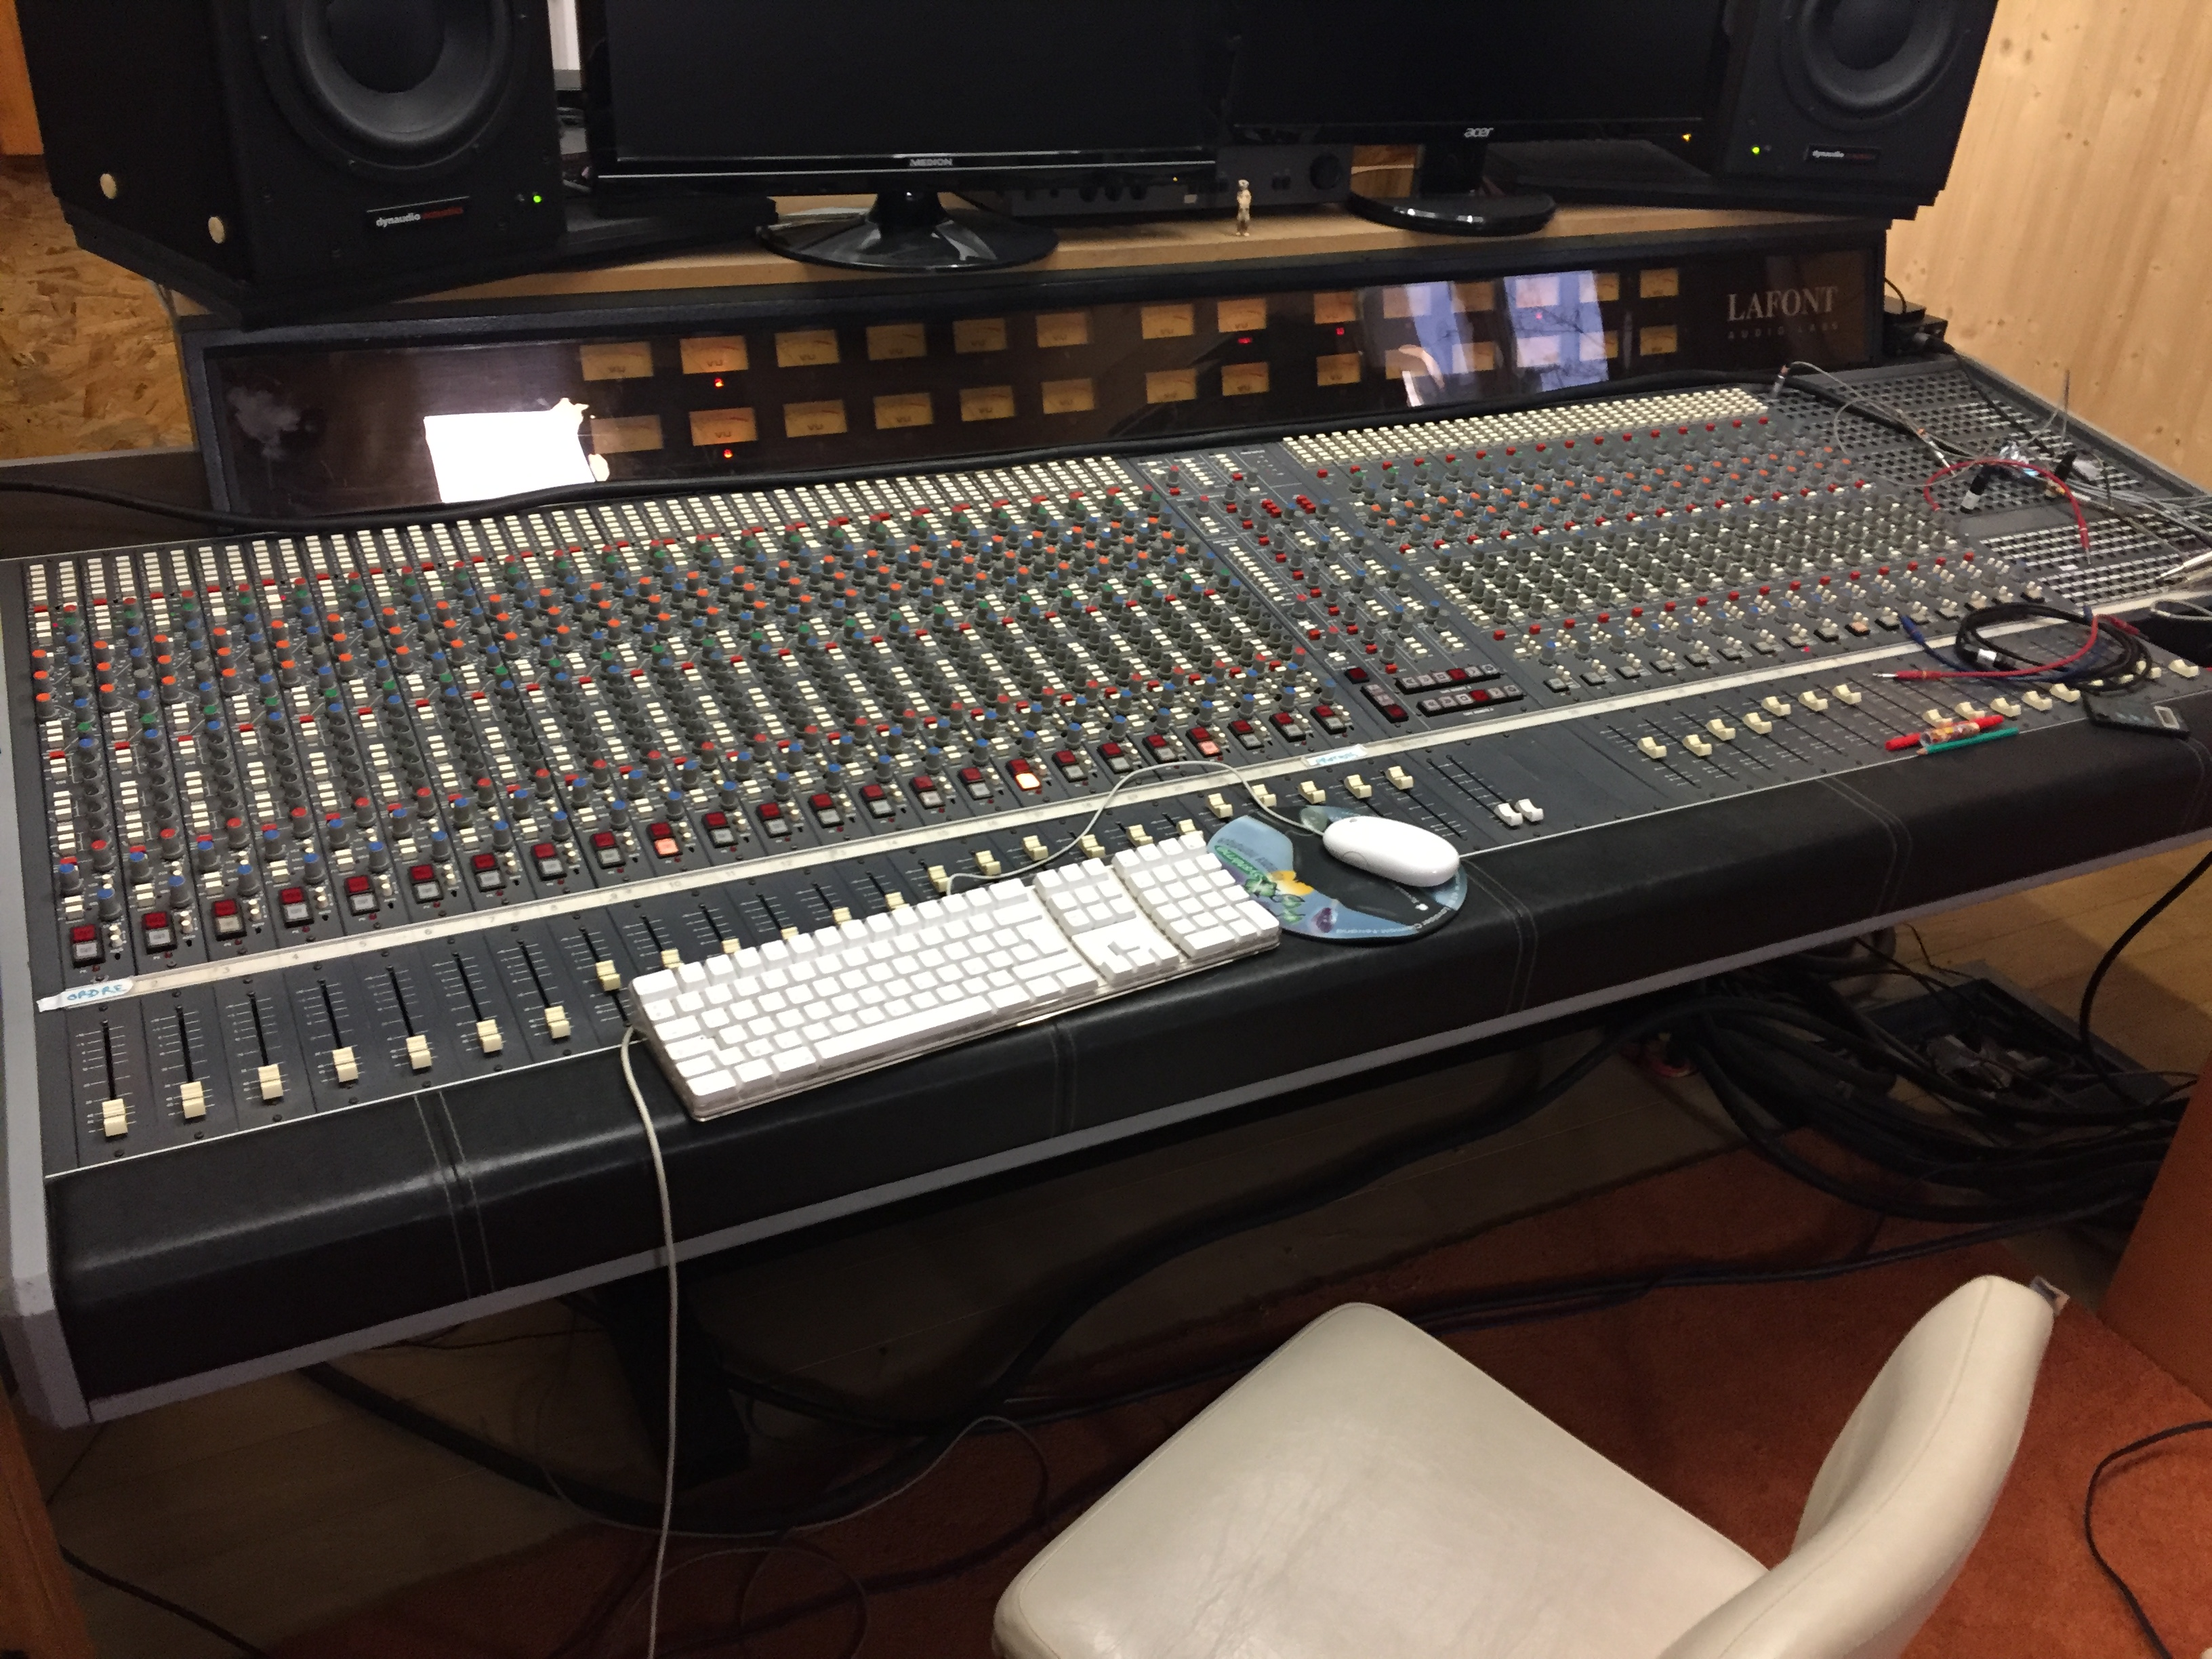 Console analogique lafont 40 voies auvergne audiofanzine - Console analogique occasion ...